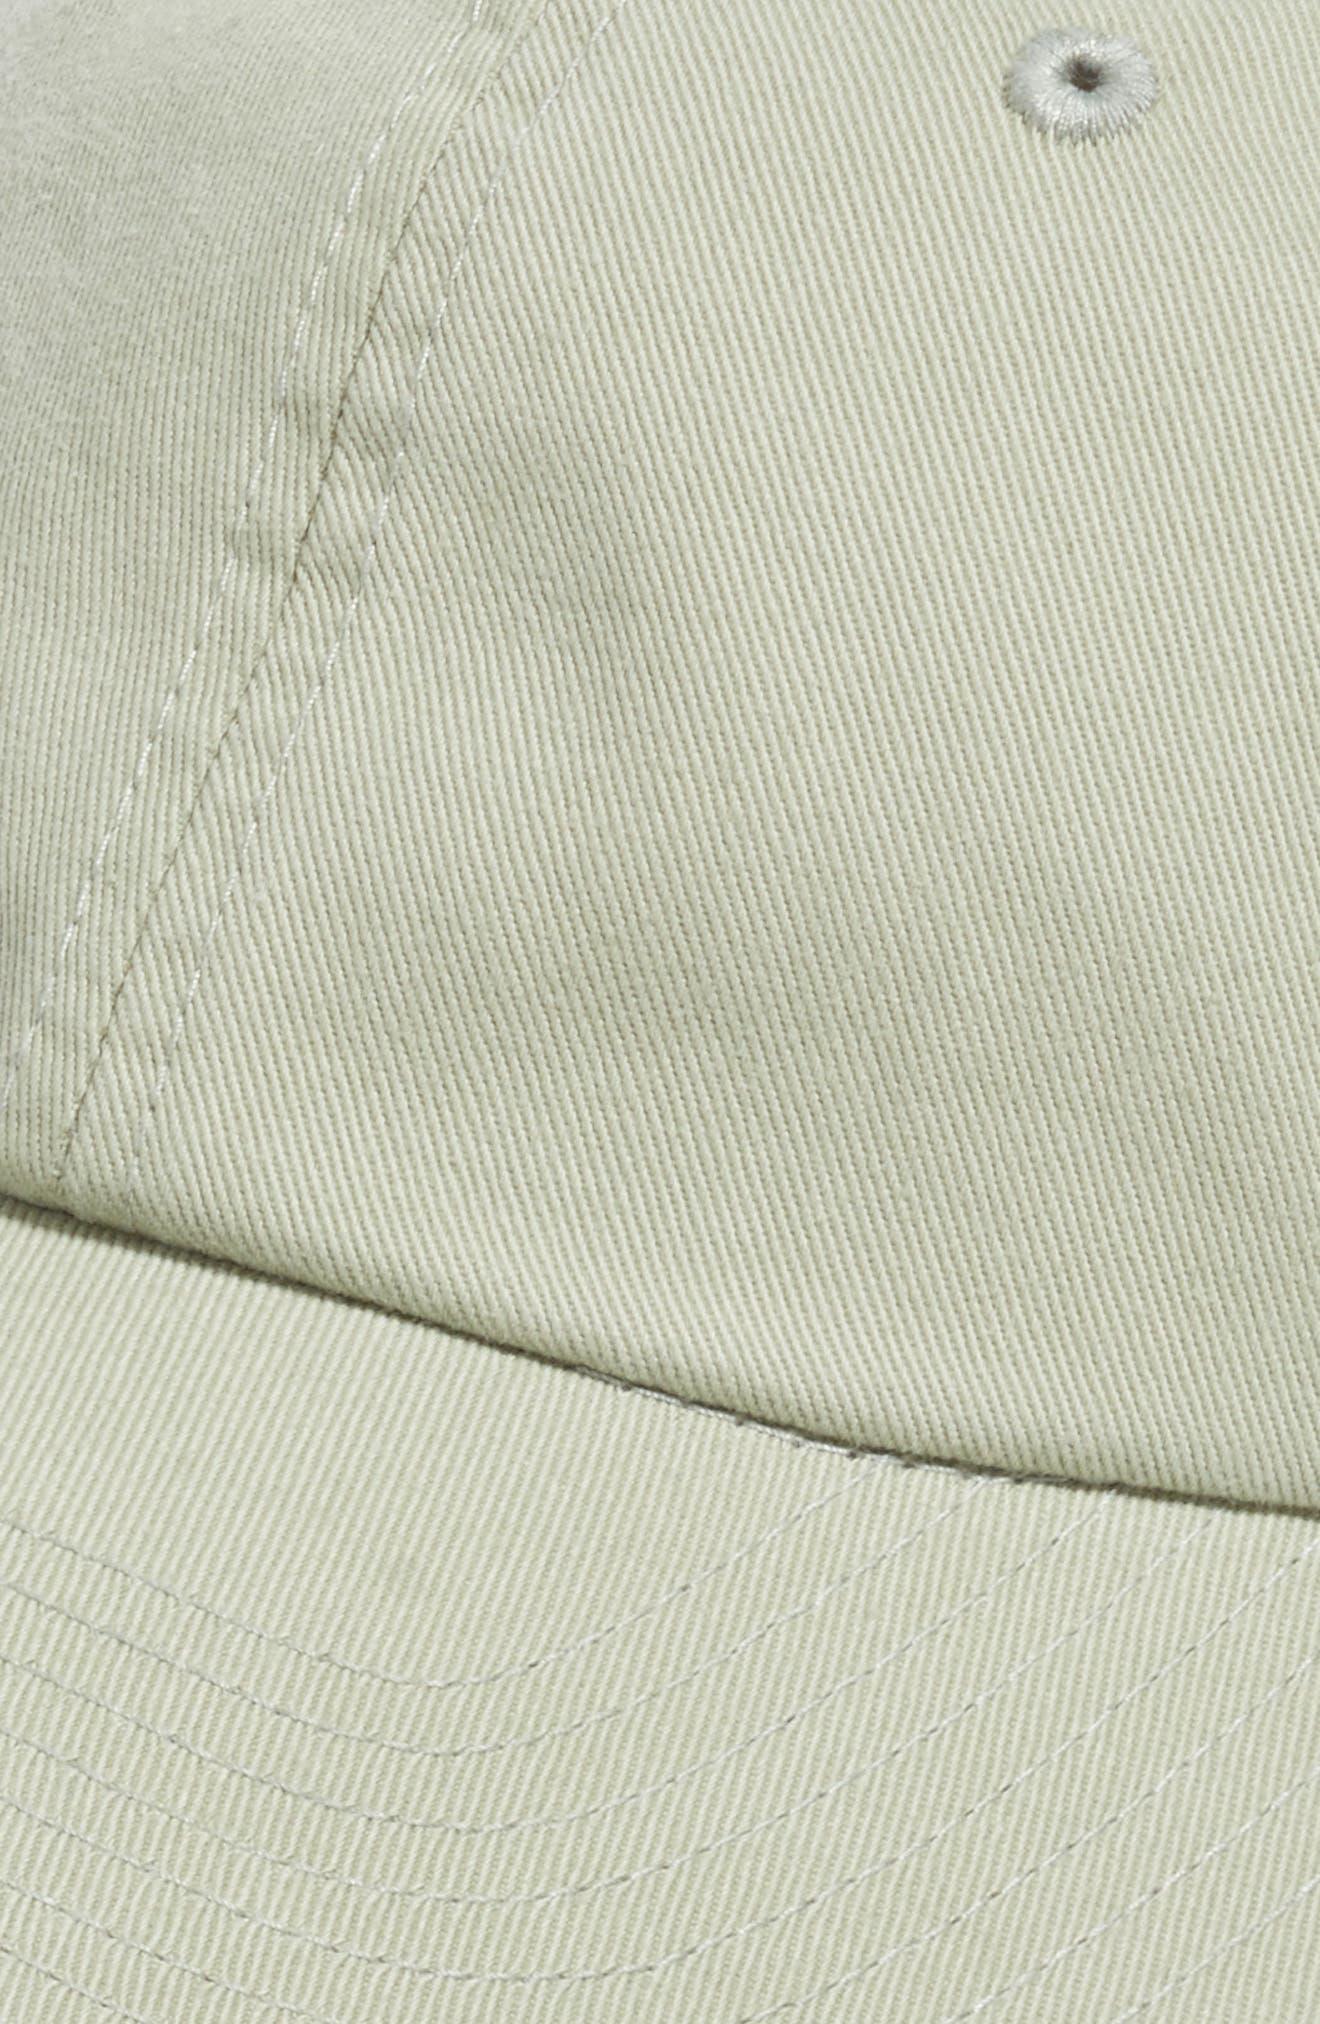 Alternate Image 3  - American Needle Washed Cotton Baseball Cap